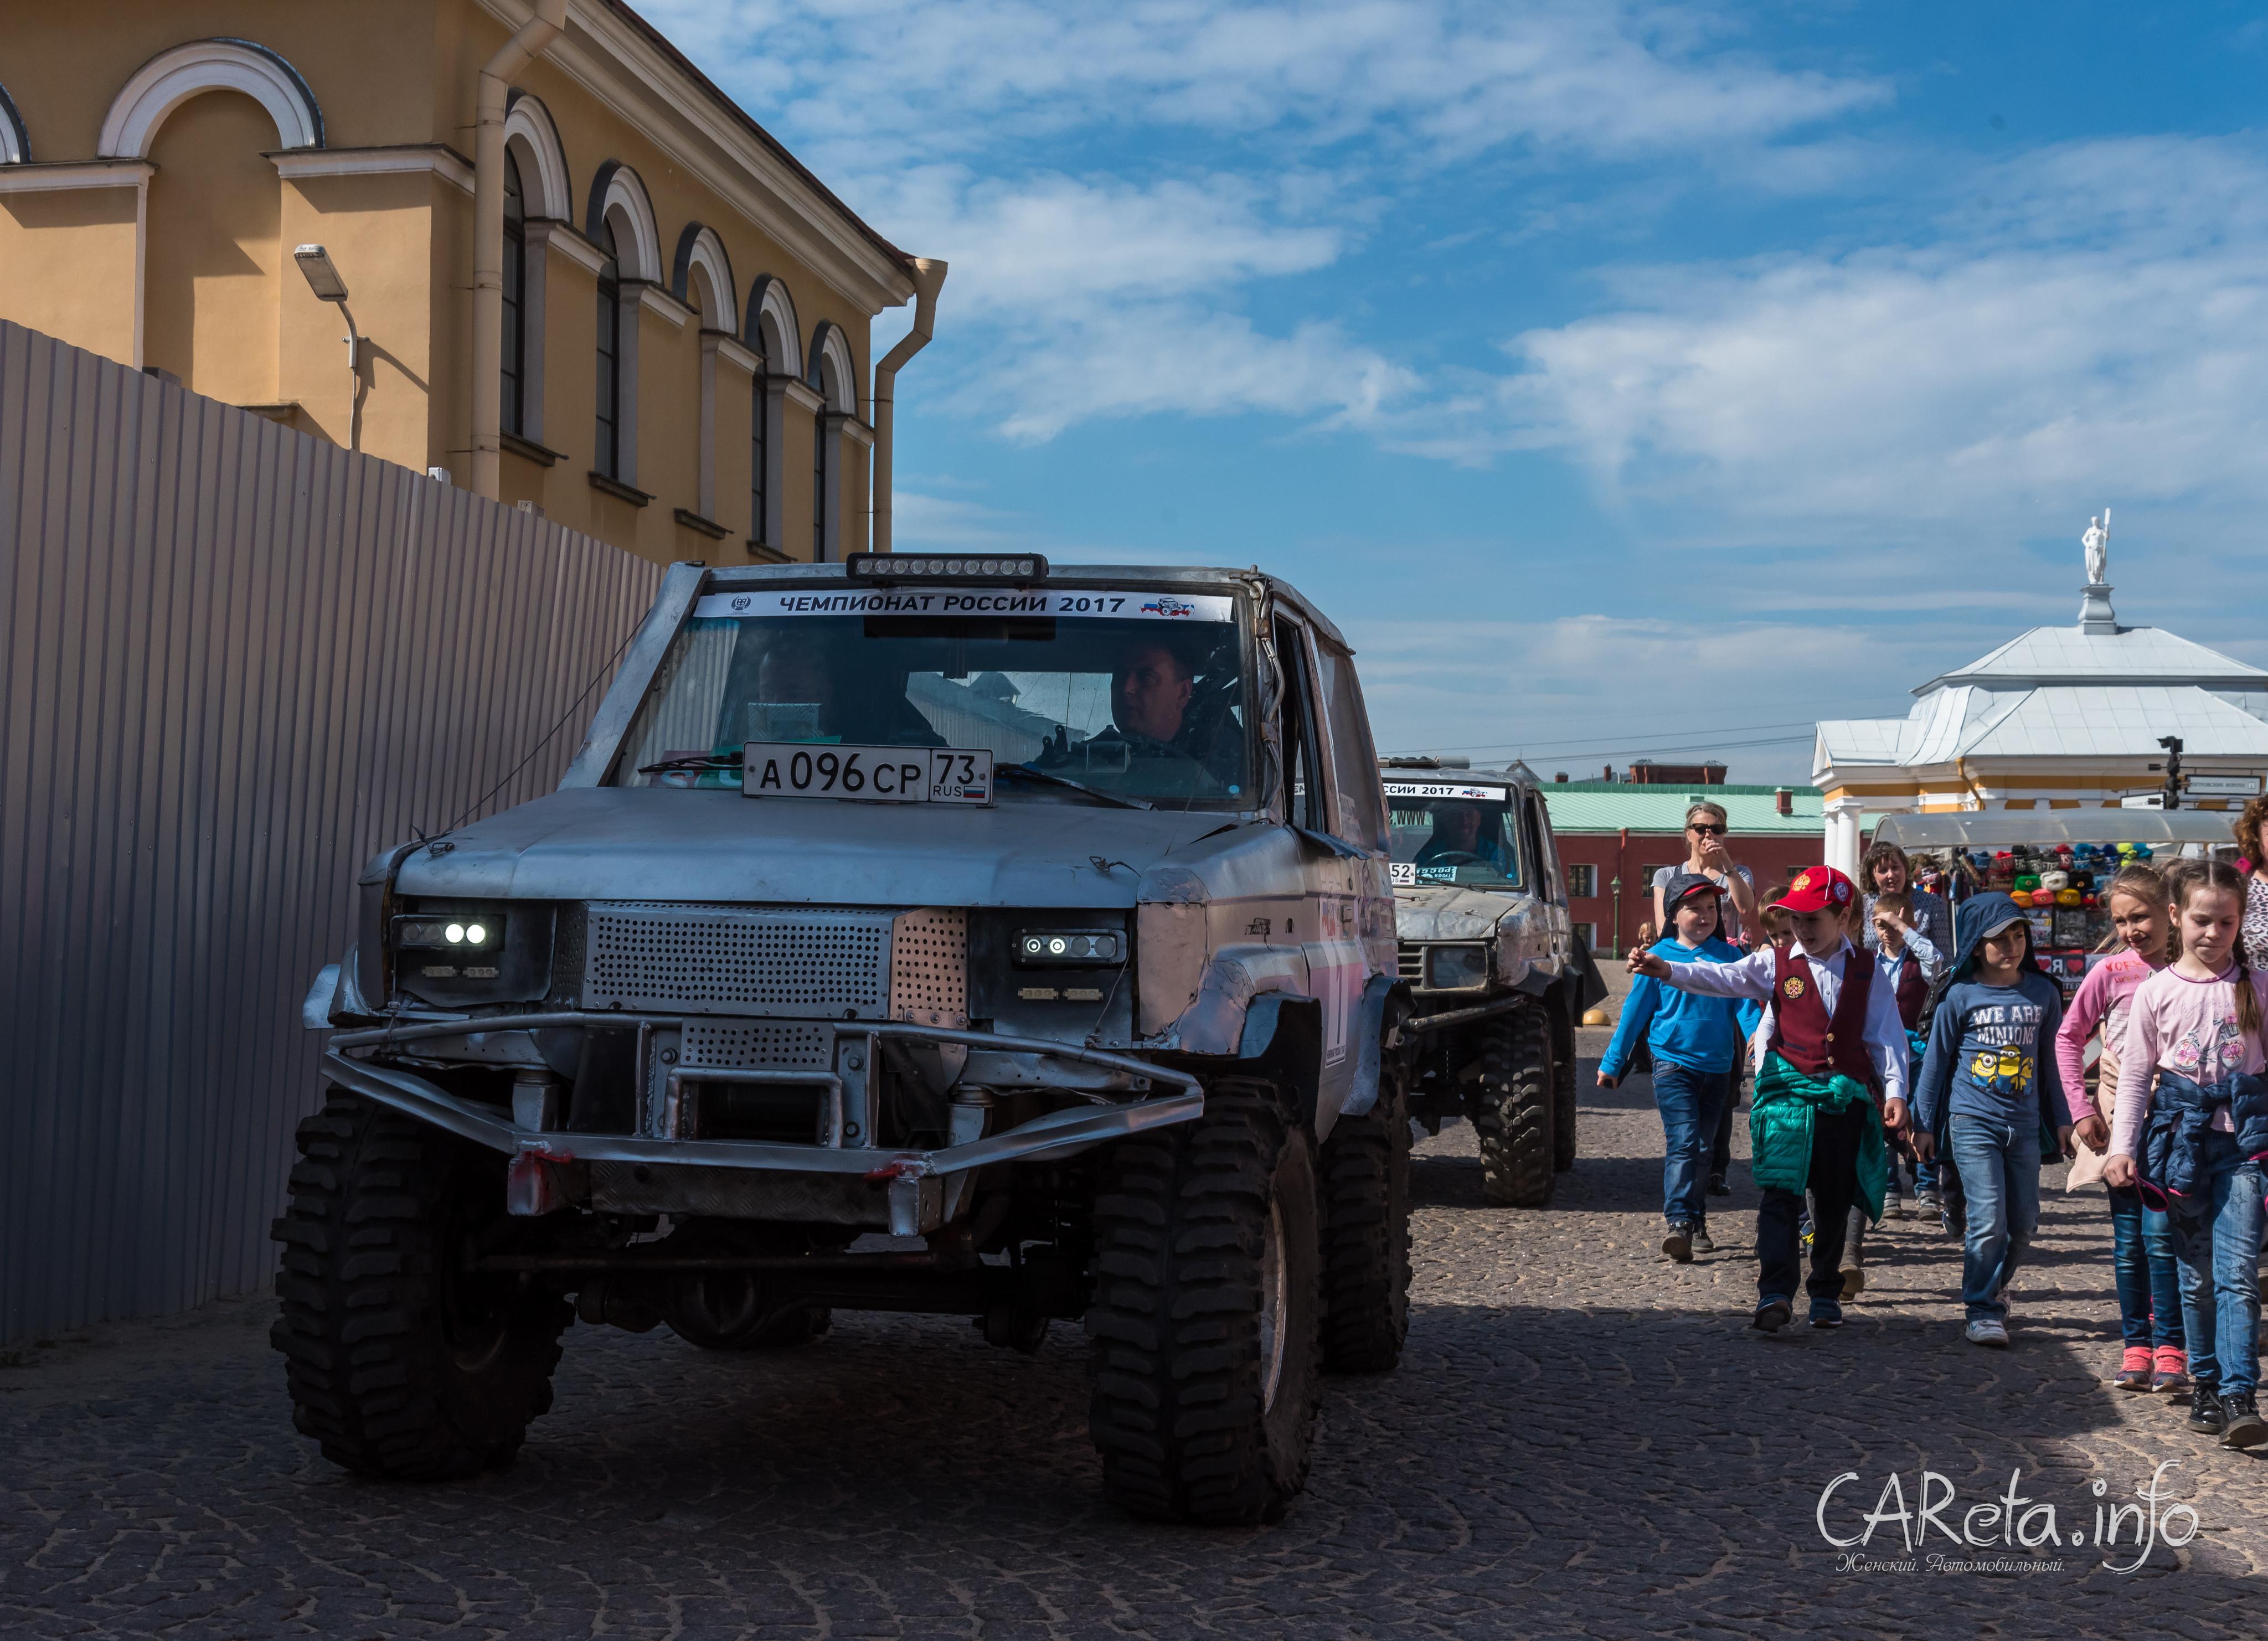 Чемпионат России по трофи-рейдам: старт дан в сердце Санкт-Петербурга